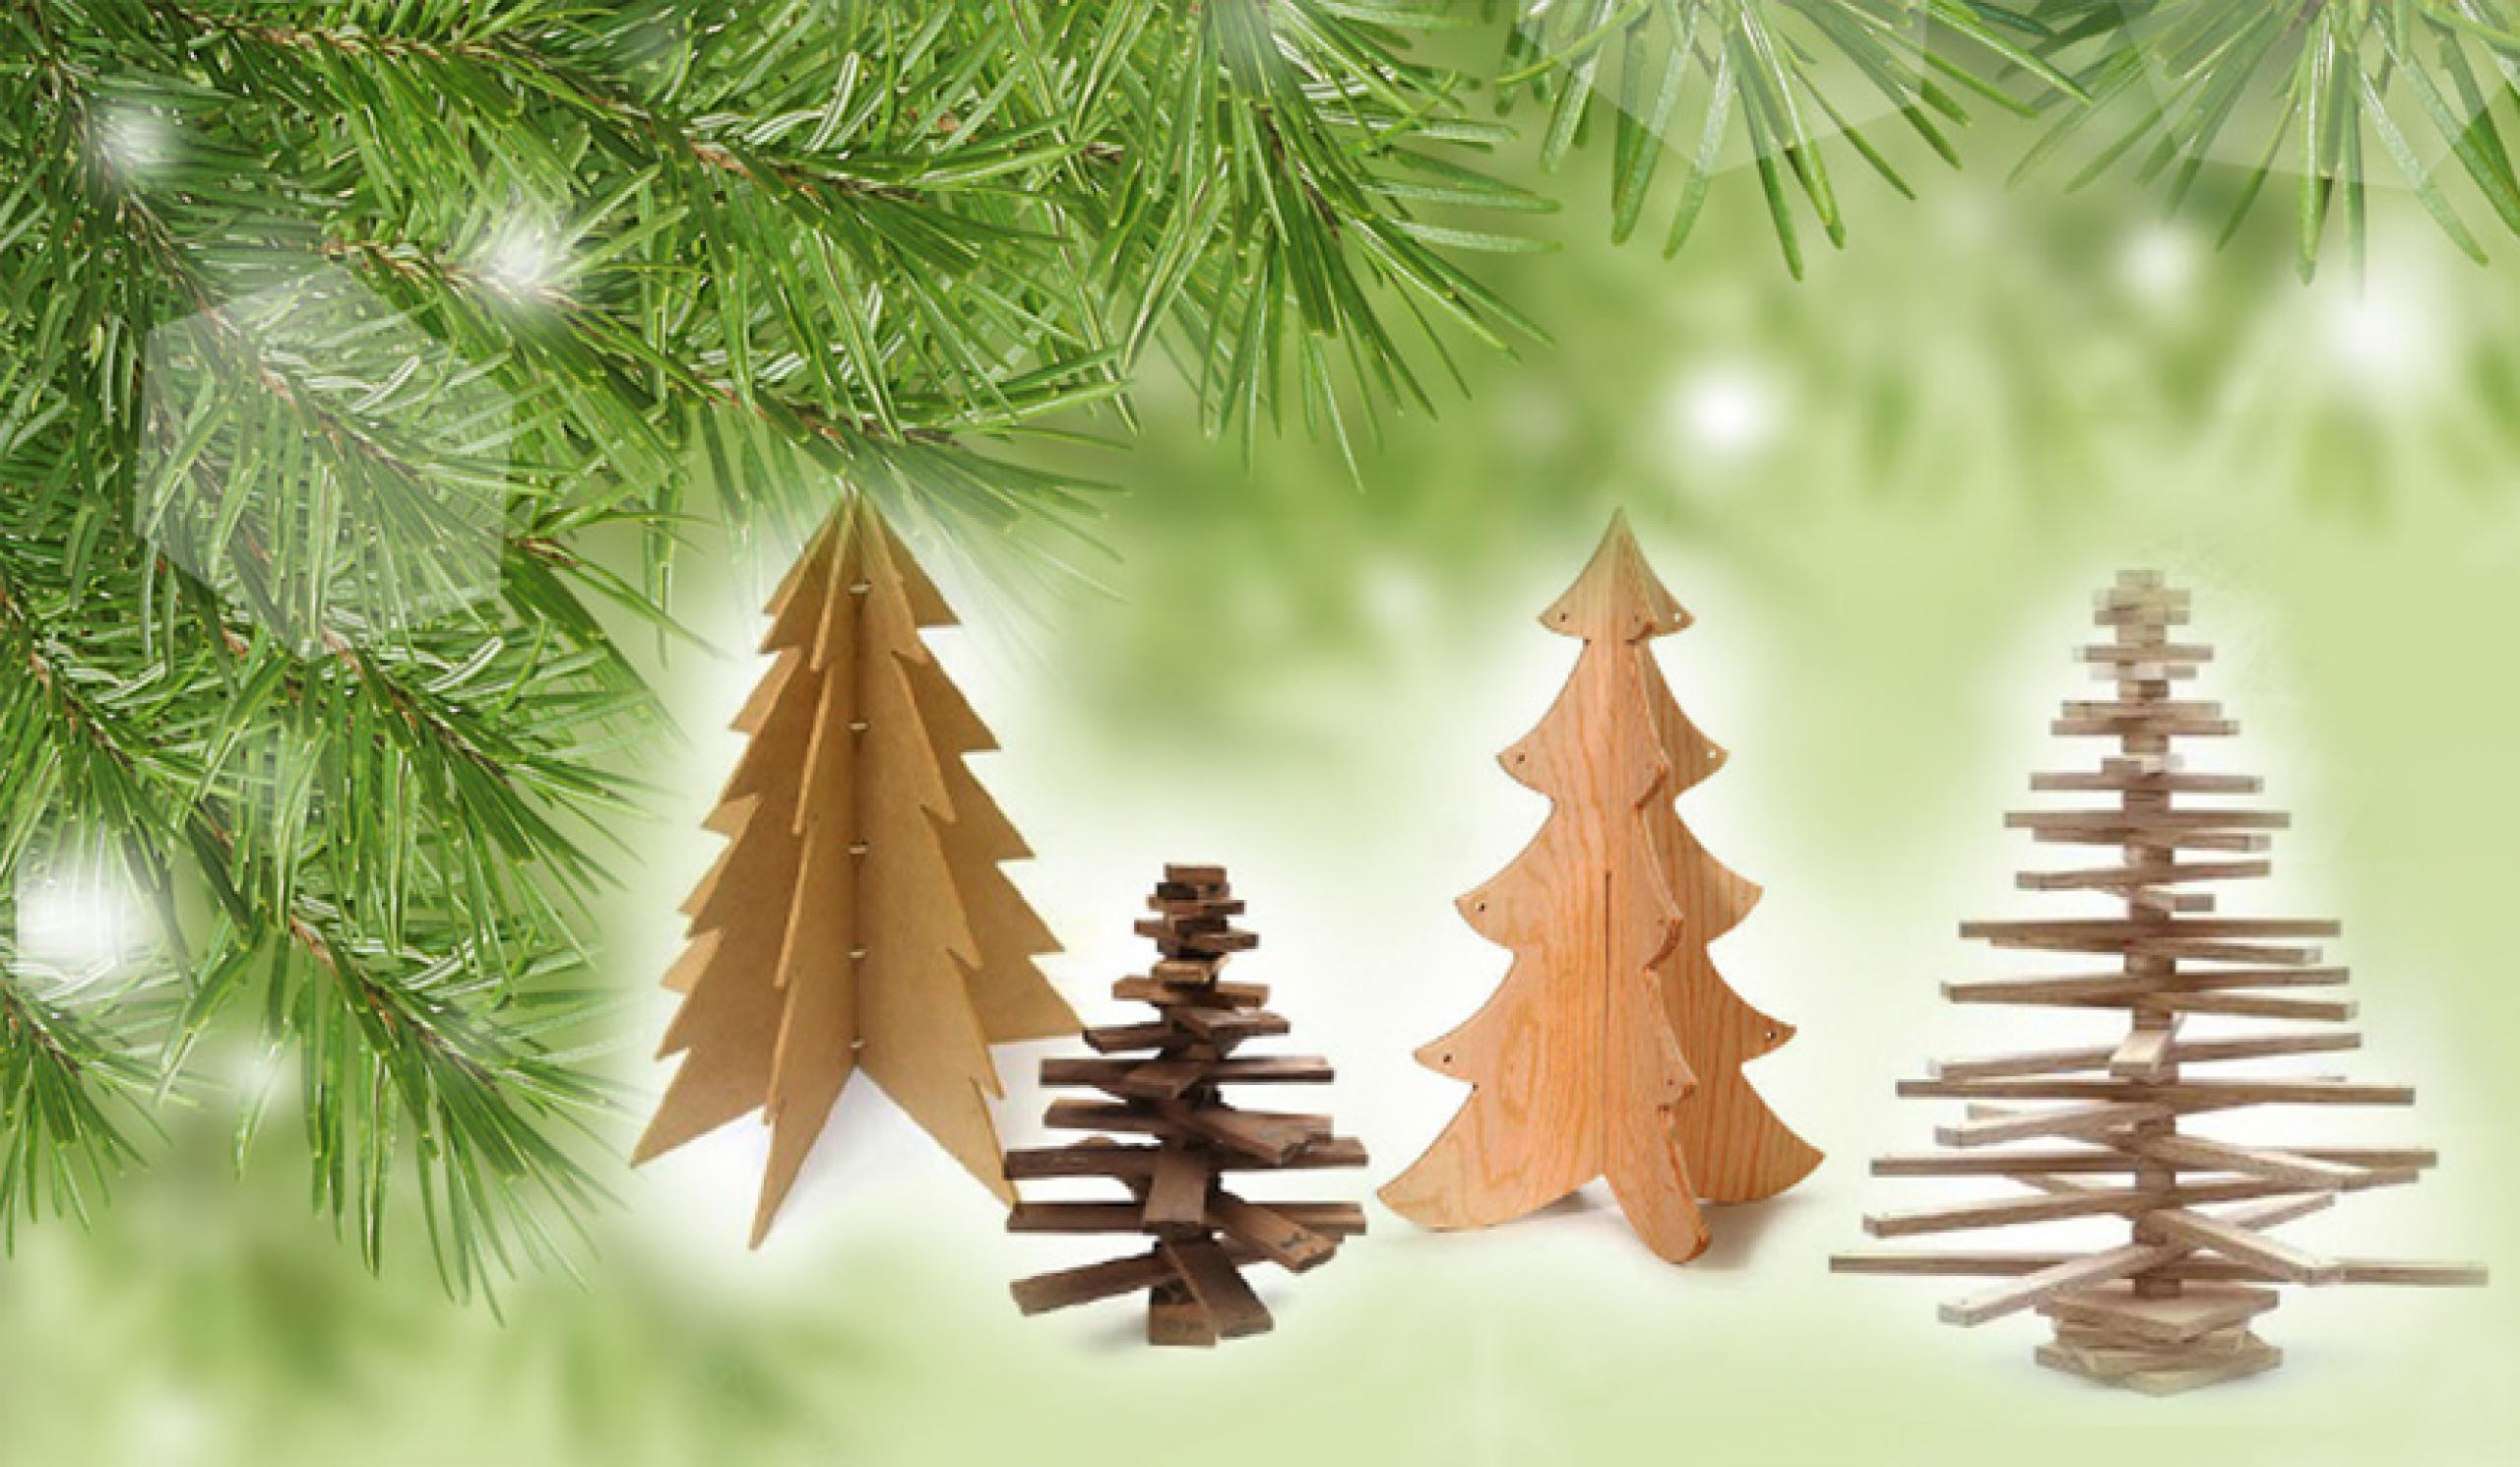 Hoe maak je een houten kerstboom?